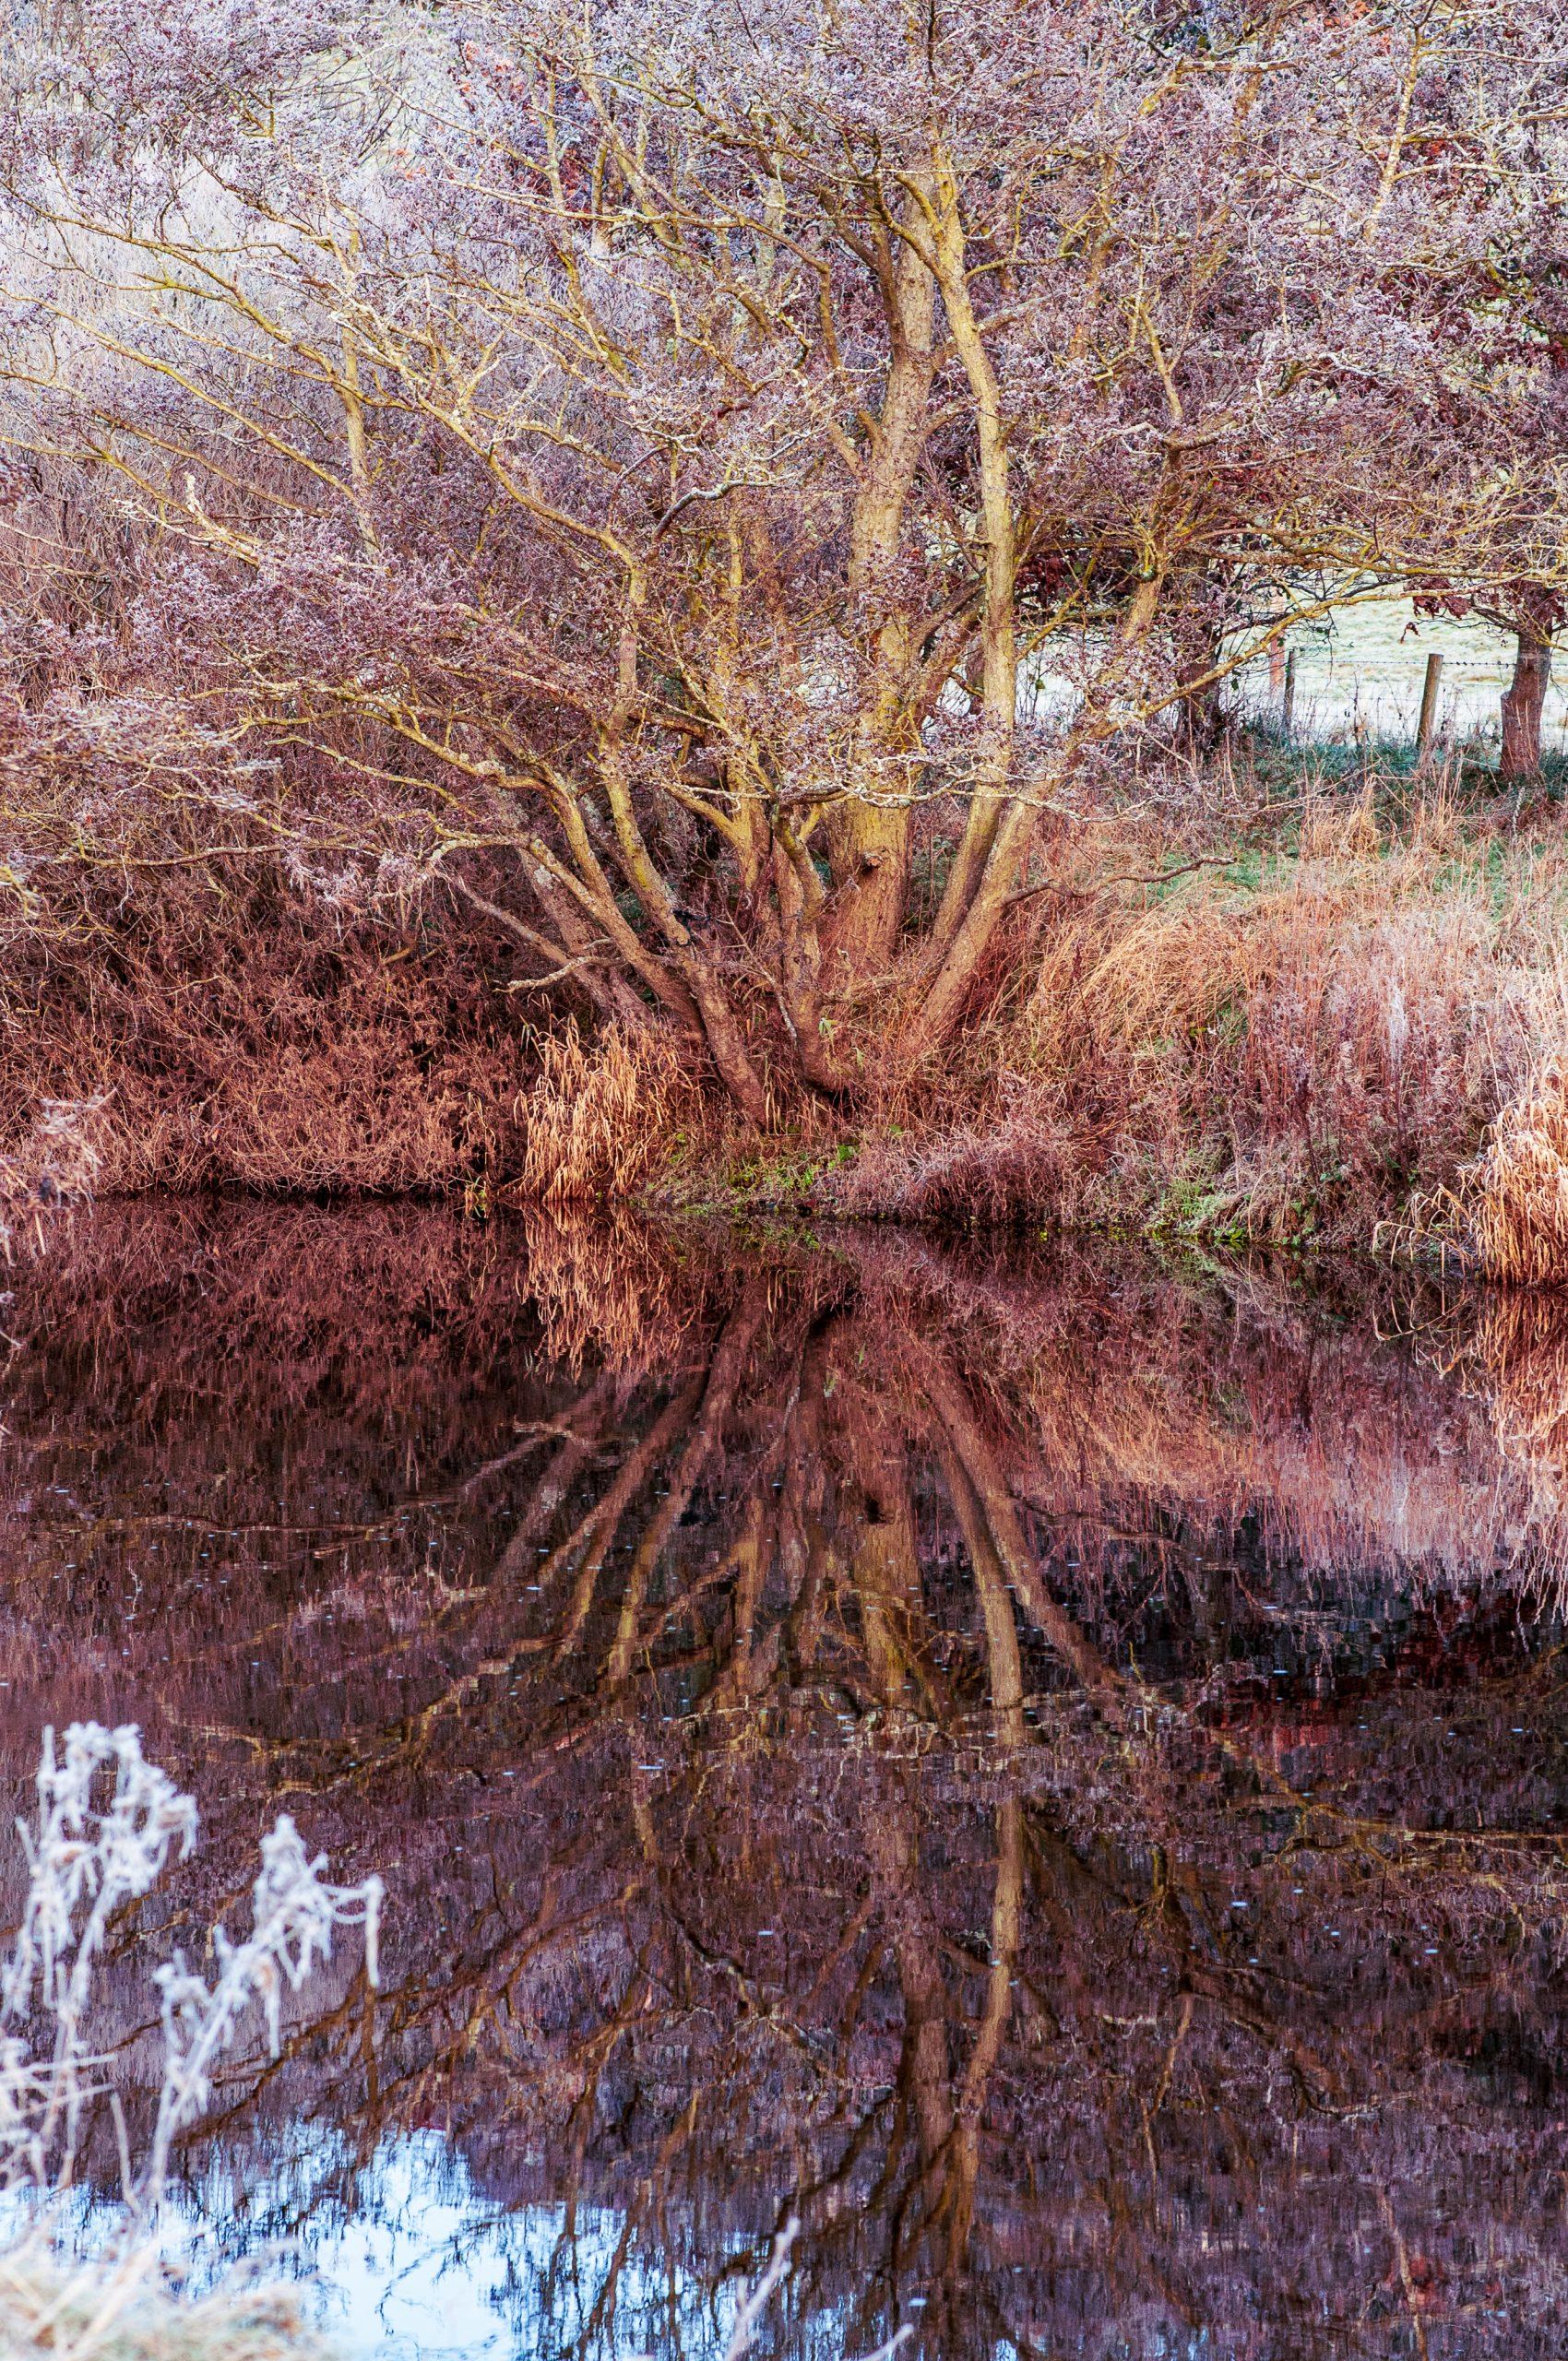 Northumberland Landscape Photographer